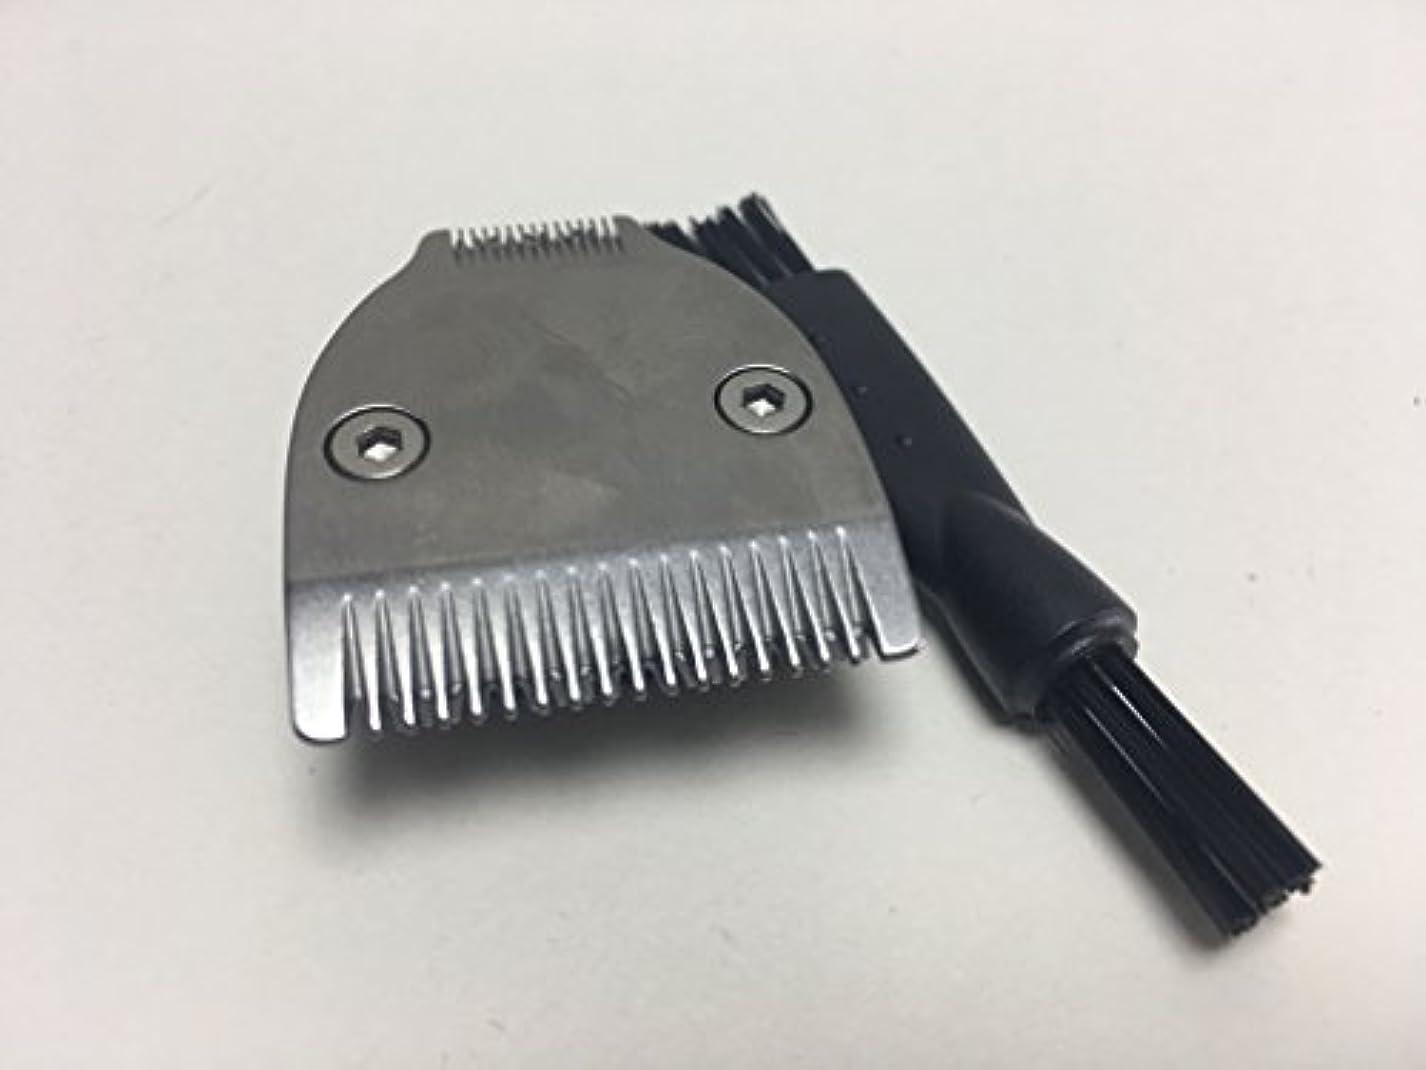 三十怠惰またはどちらかシェーバーヘッドバーバーブレード フィリップス QS6100 QS6140 QS6160 QS6100/50 QS6141 QS6161 QS6141/33 ノレッコ ワン?ブレード 交換用ブレード For Philips Shaver Razor Head Blade clipper Cutter